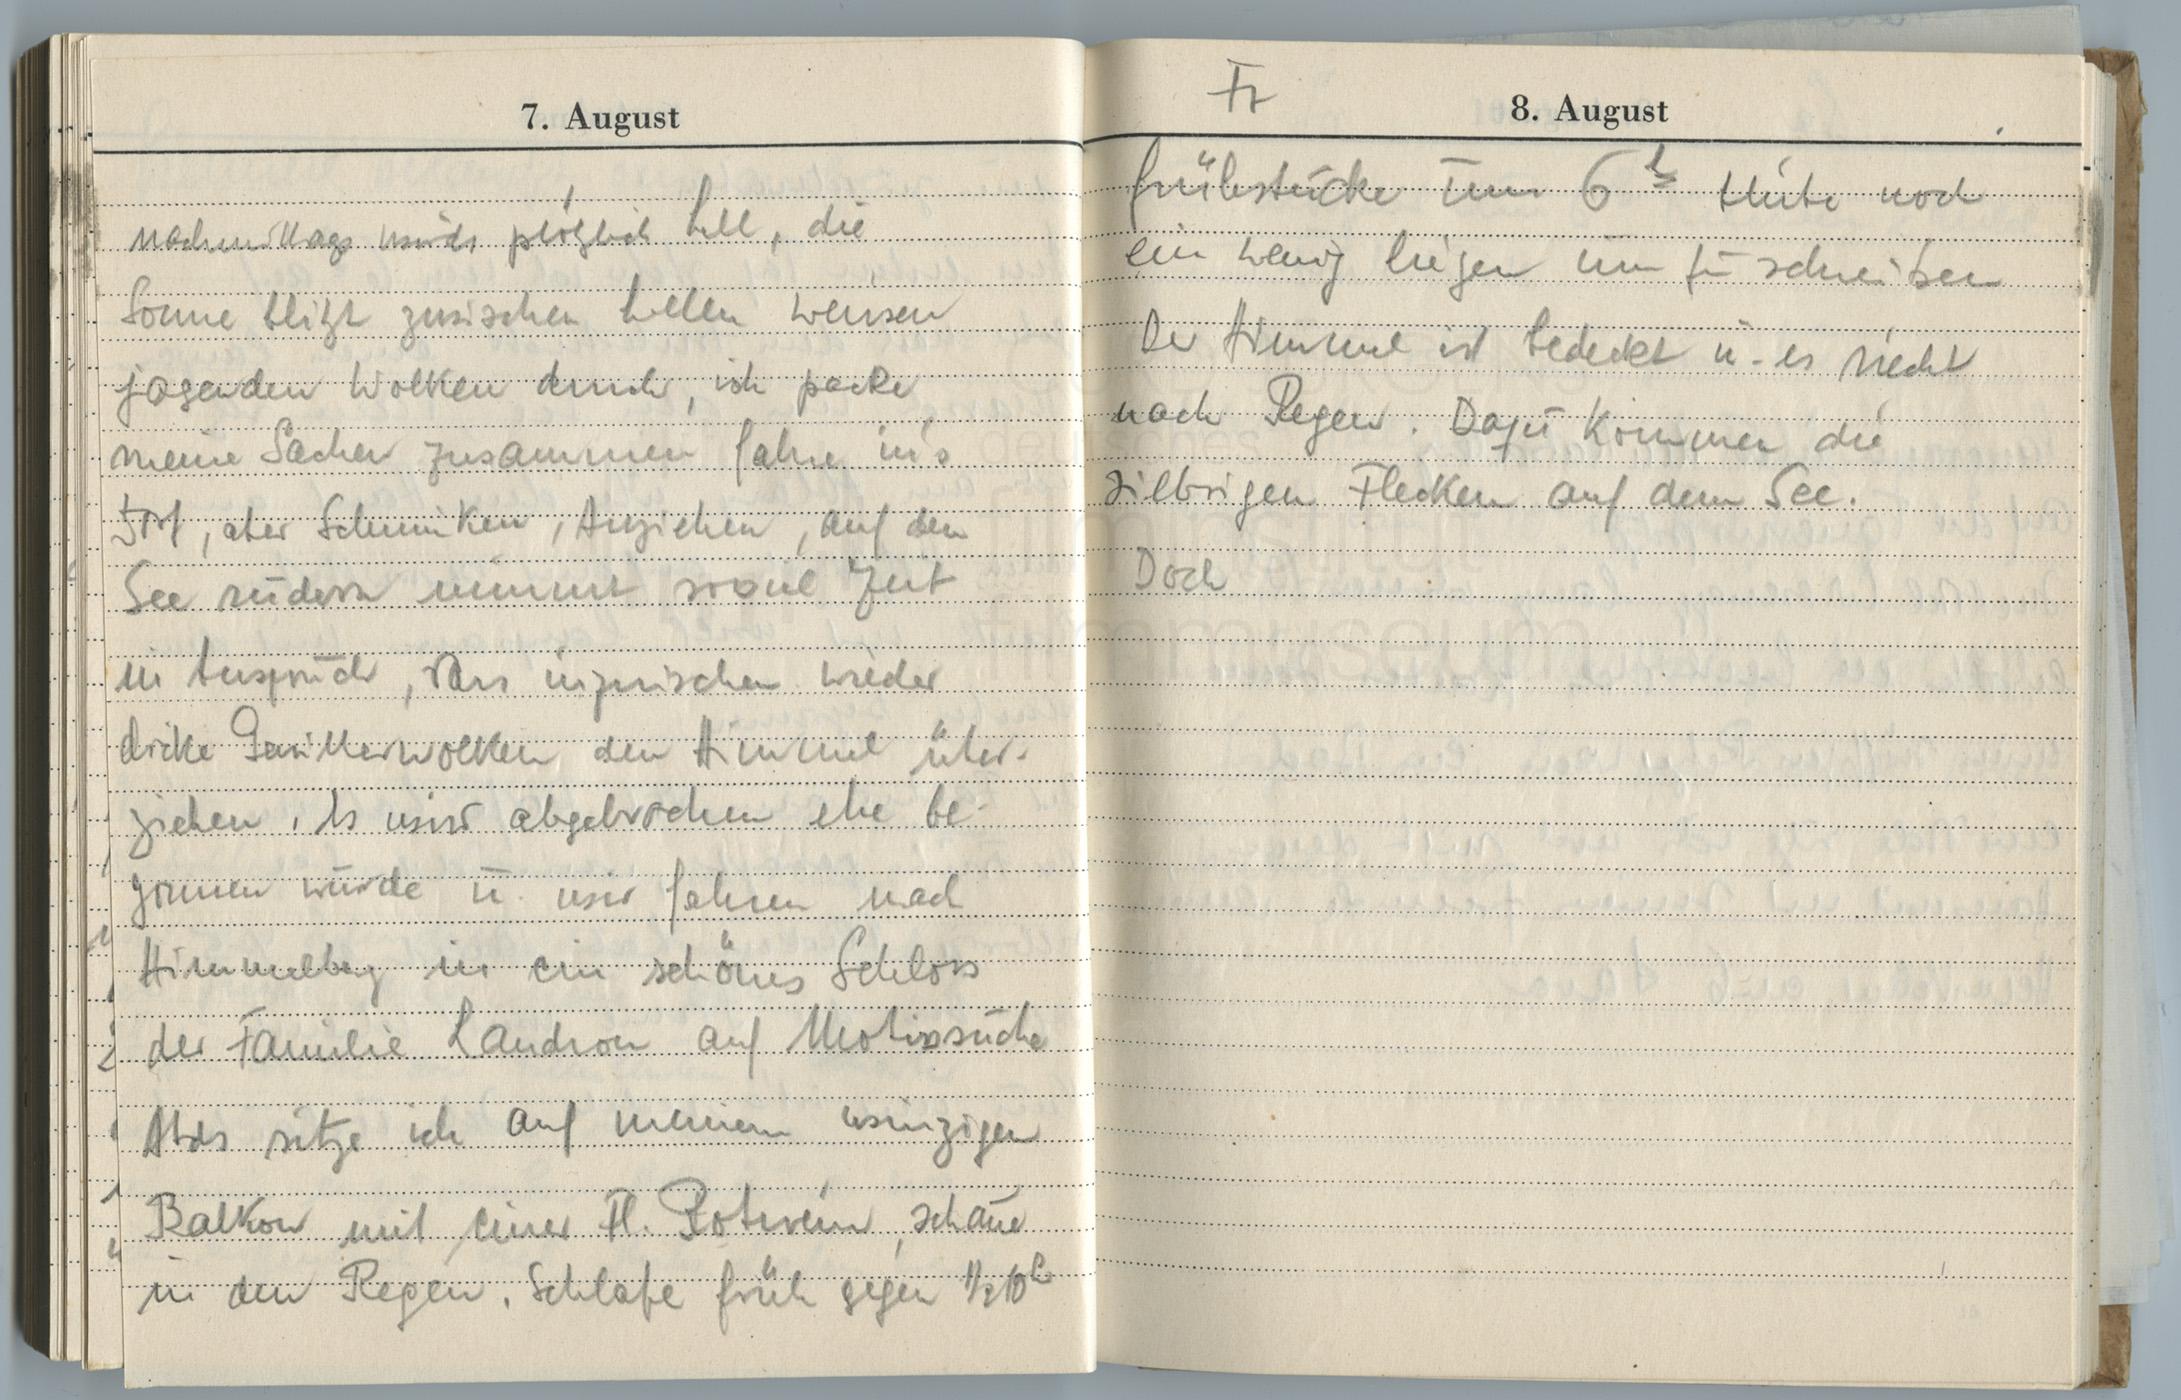 Tagebucheintragungen vom 5.8. bis 8.8.1947